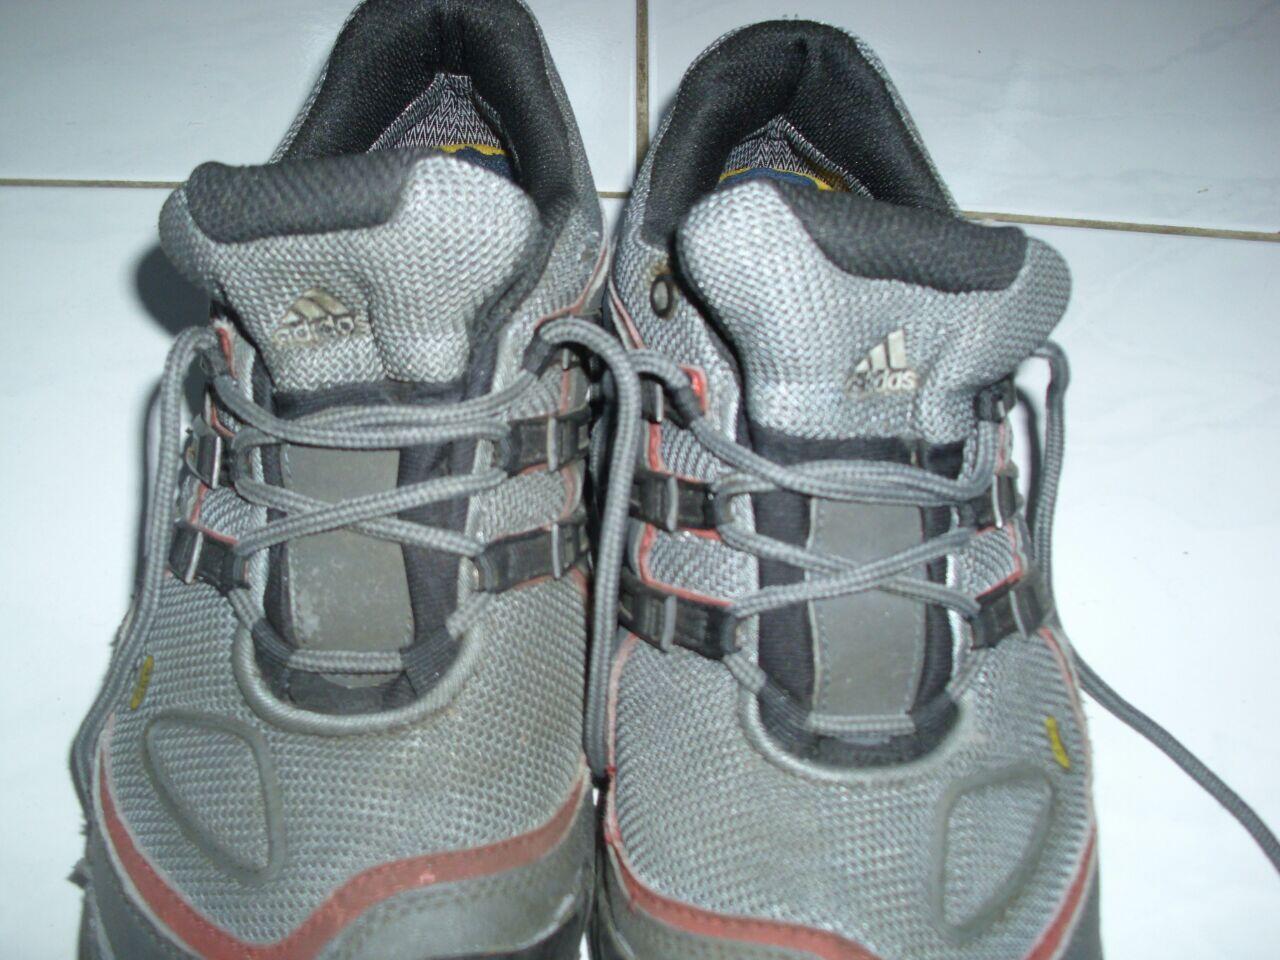 Terjual Jual Sepatu Adidas Terrex Goretex  8893680028